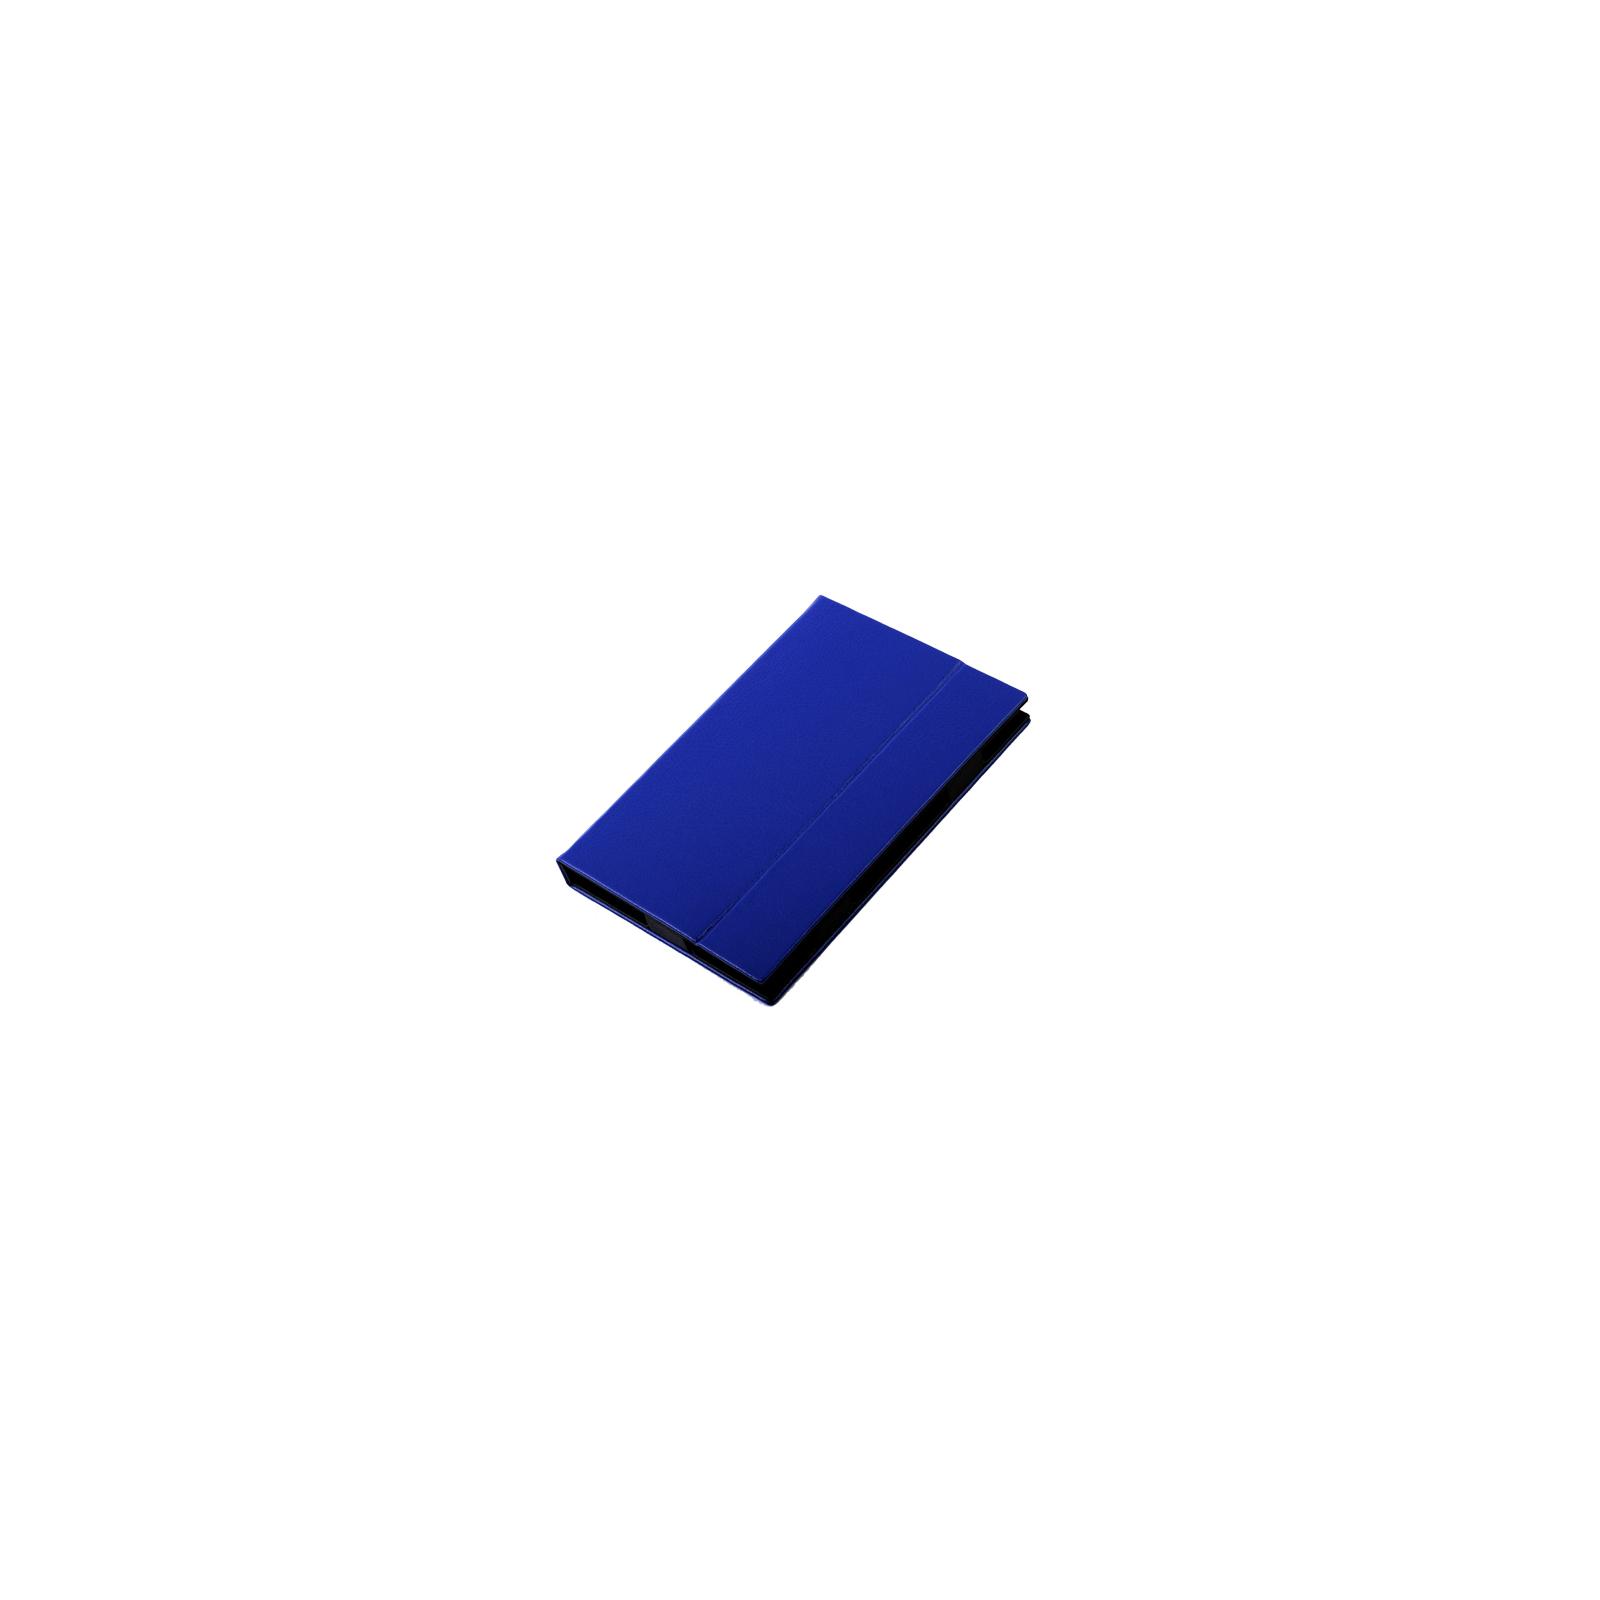 Чехол для планшета Vento 9 Desire Bright - rich blue